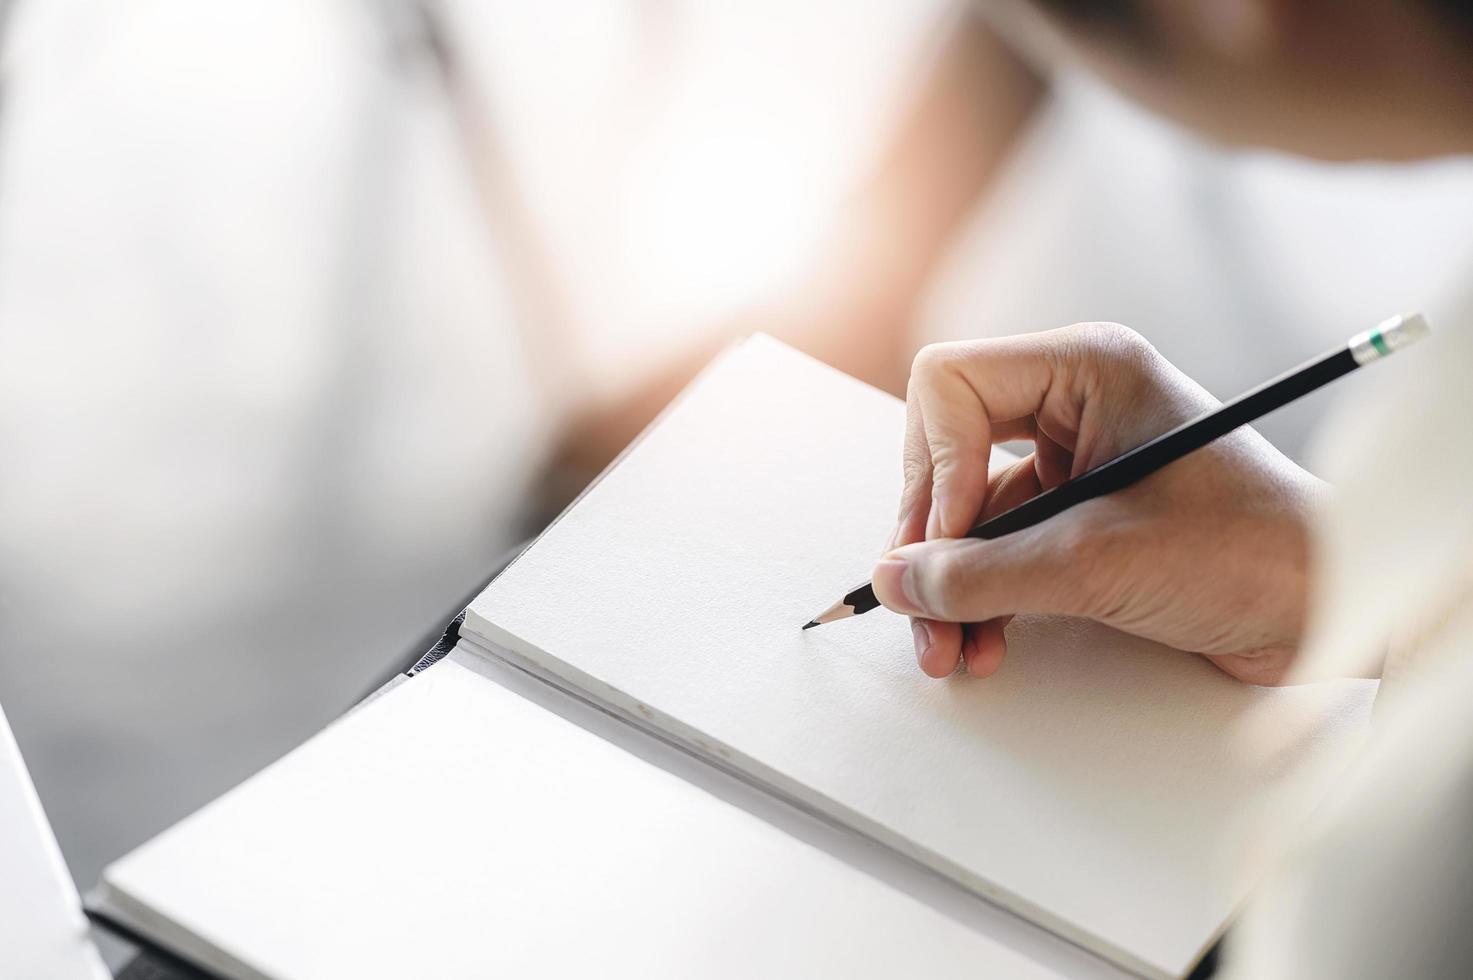 man hand schrijft op laptop met potlood foto